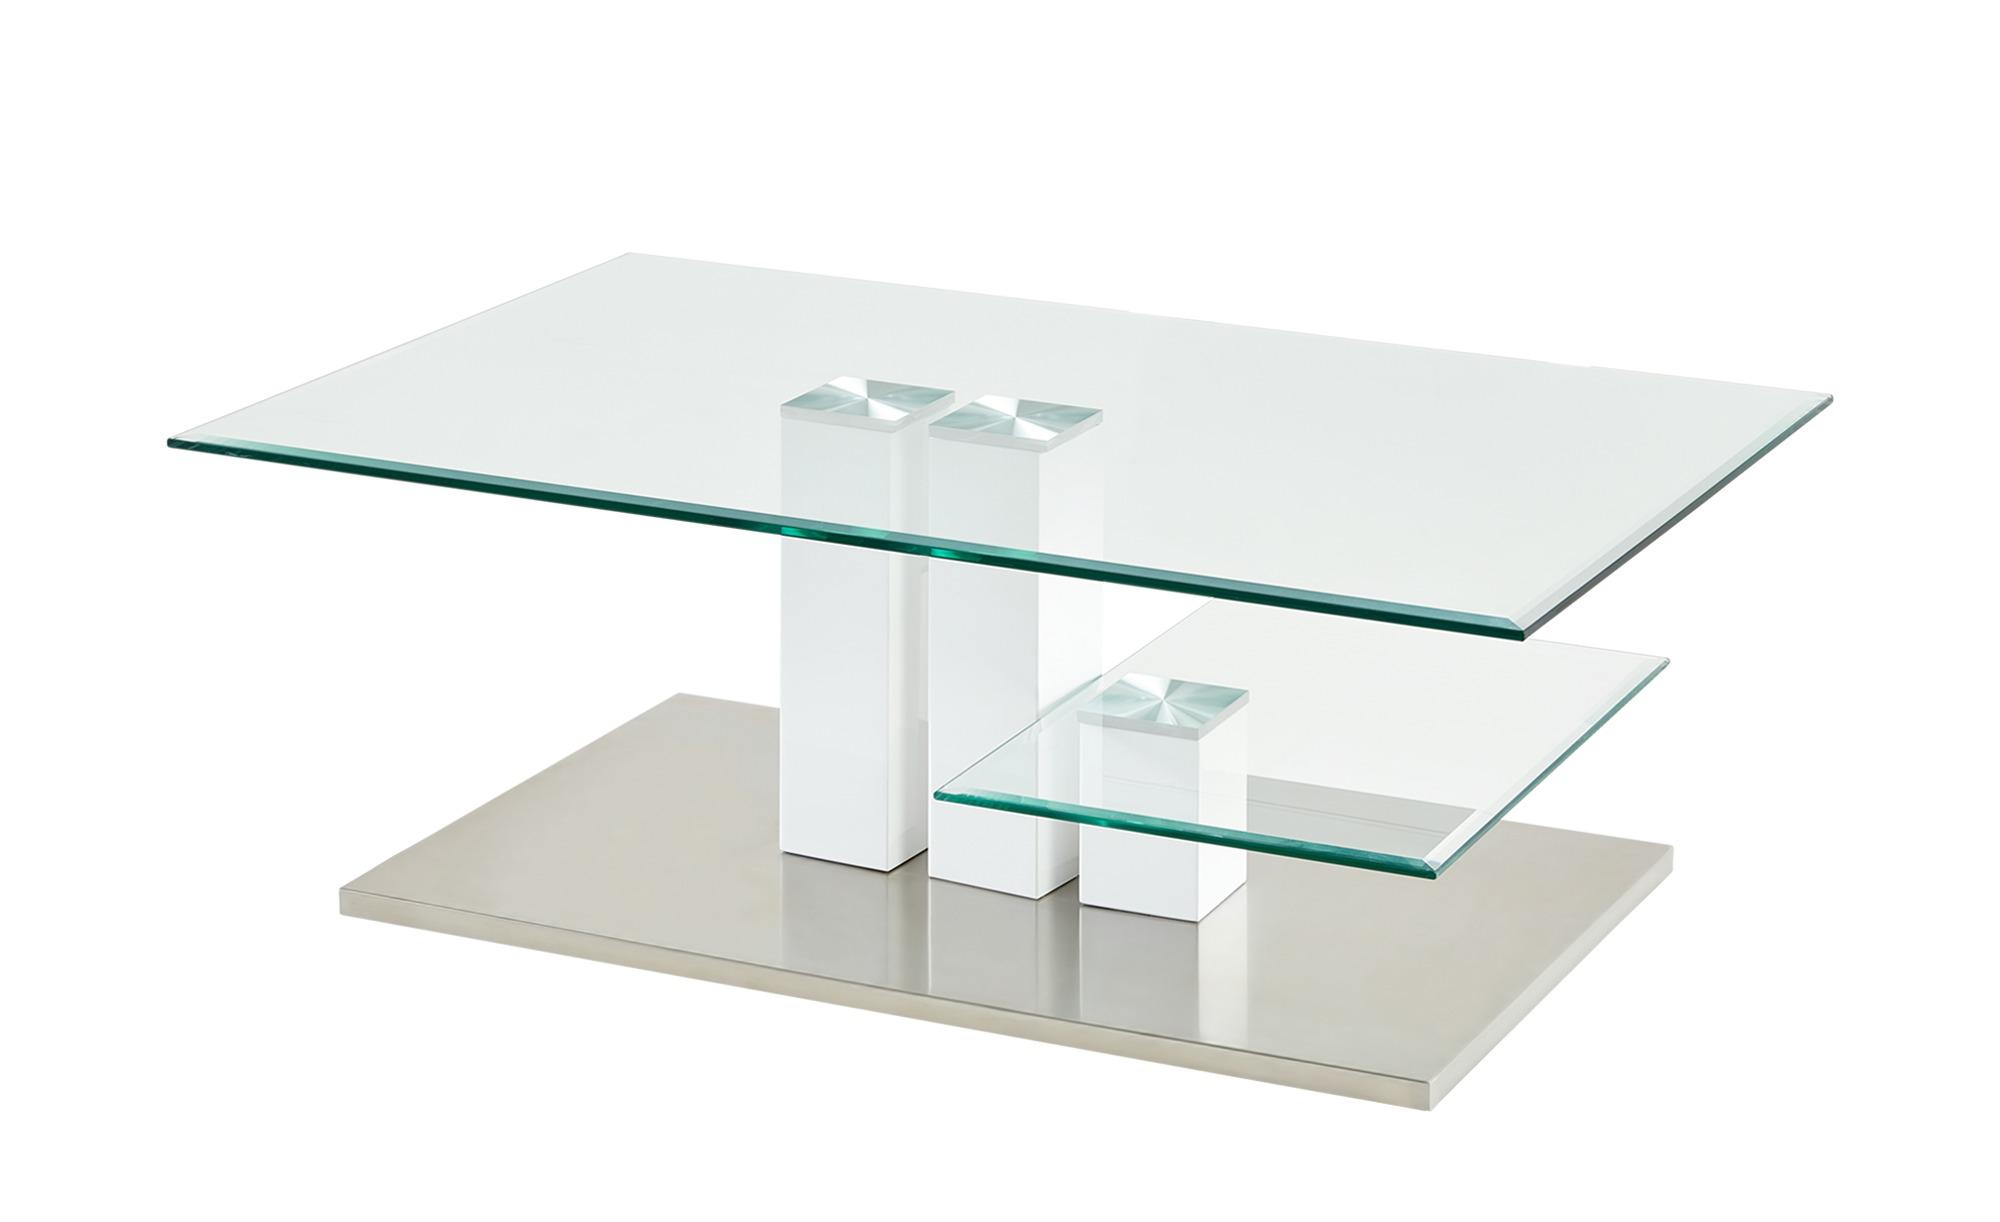 Couchtisch  Monserrat ¦ weiß ¦ Maße (cm): B: 110 H: 40 T: 70 Tische > Couchtische > Couchtische rechteckig - Höffner